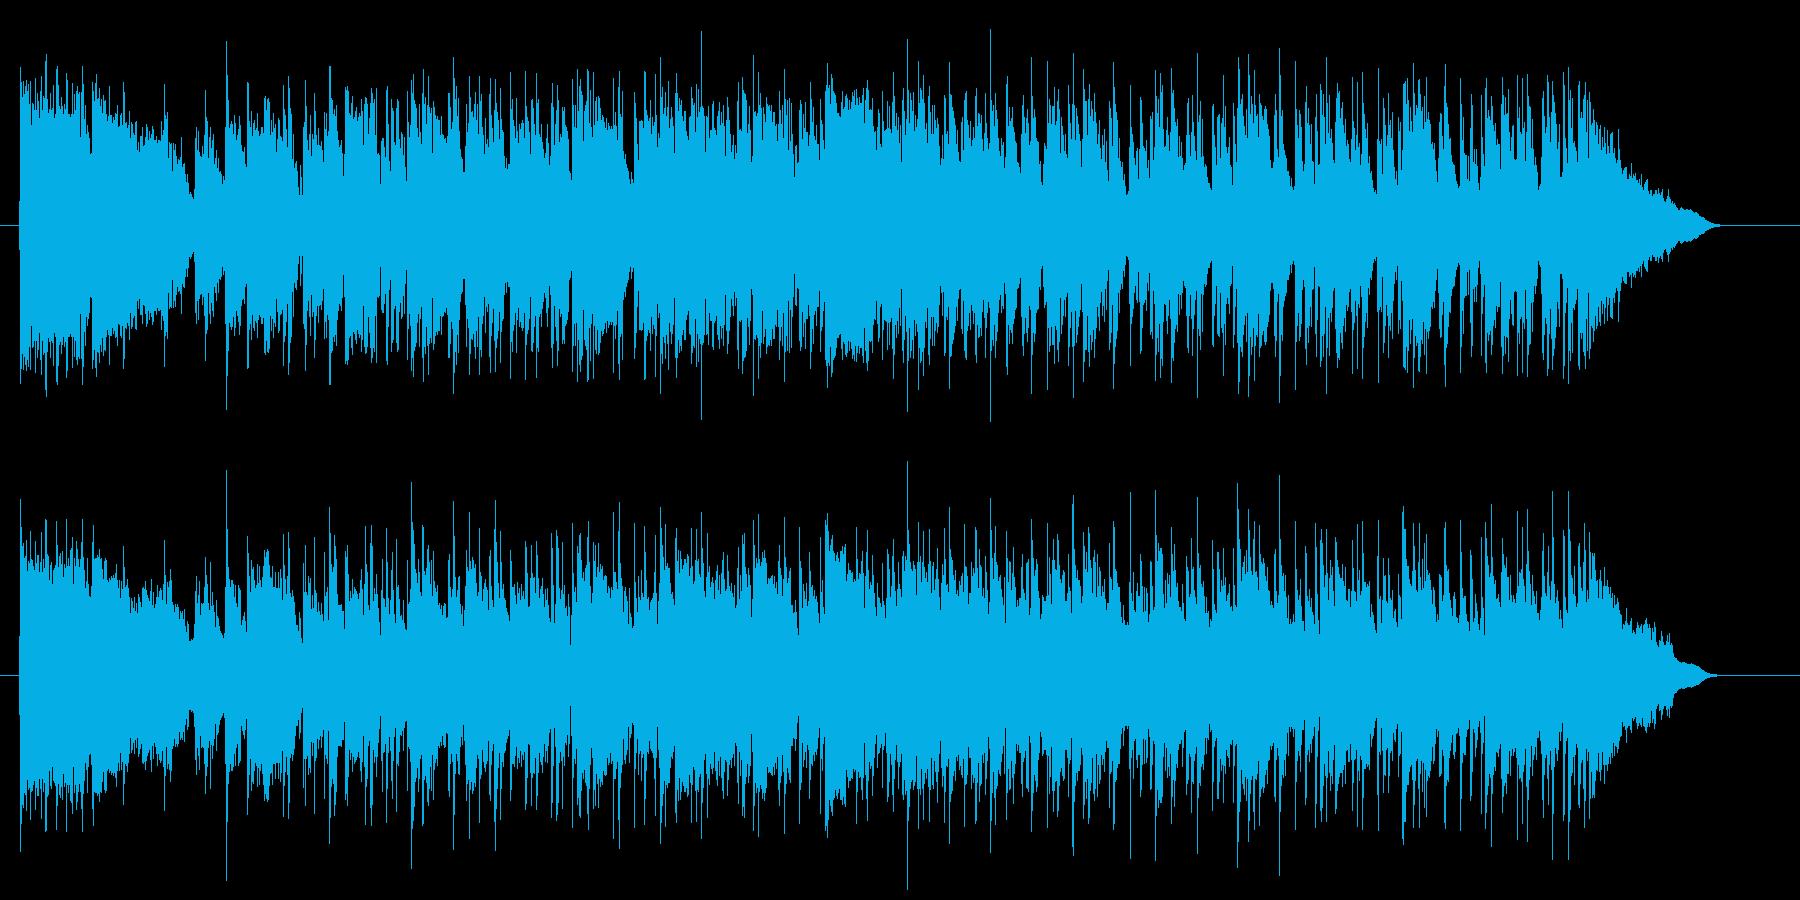 ムーディで哀愁感あるポップサウンドの再生済みの波形